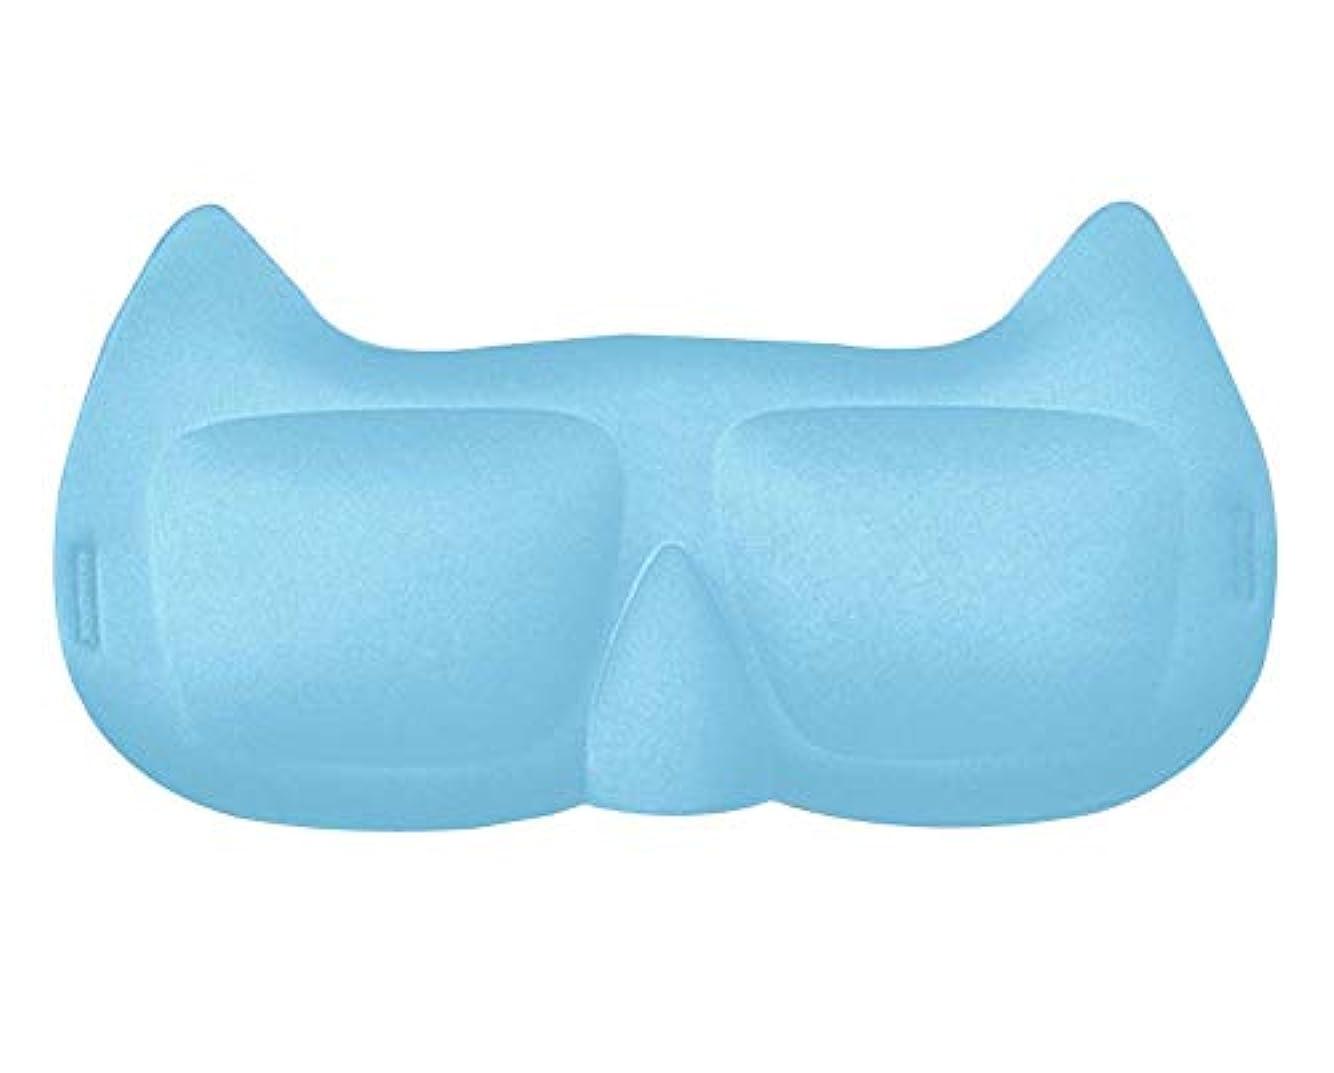 ラウンジ気候不快な3Dスリープアイマスク睡眠、旅行、昼寝、シフト作業用の快適なアイカバー (青)